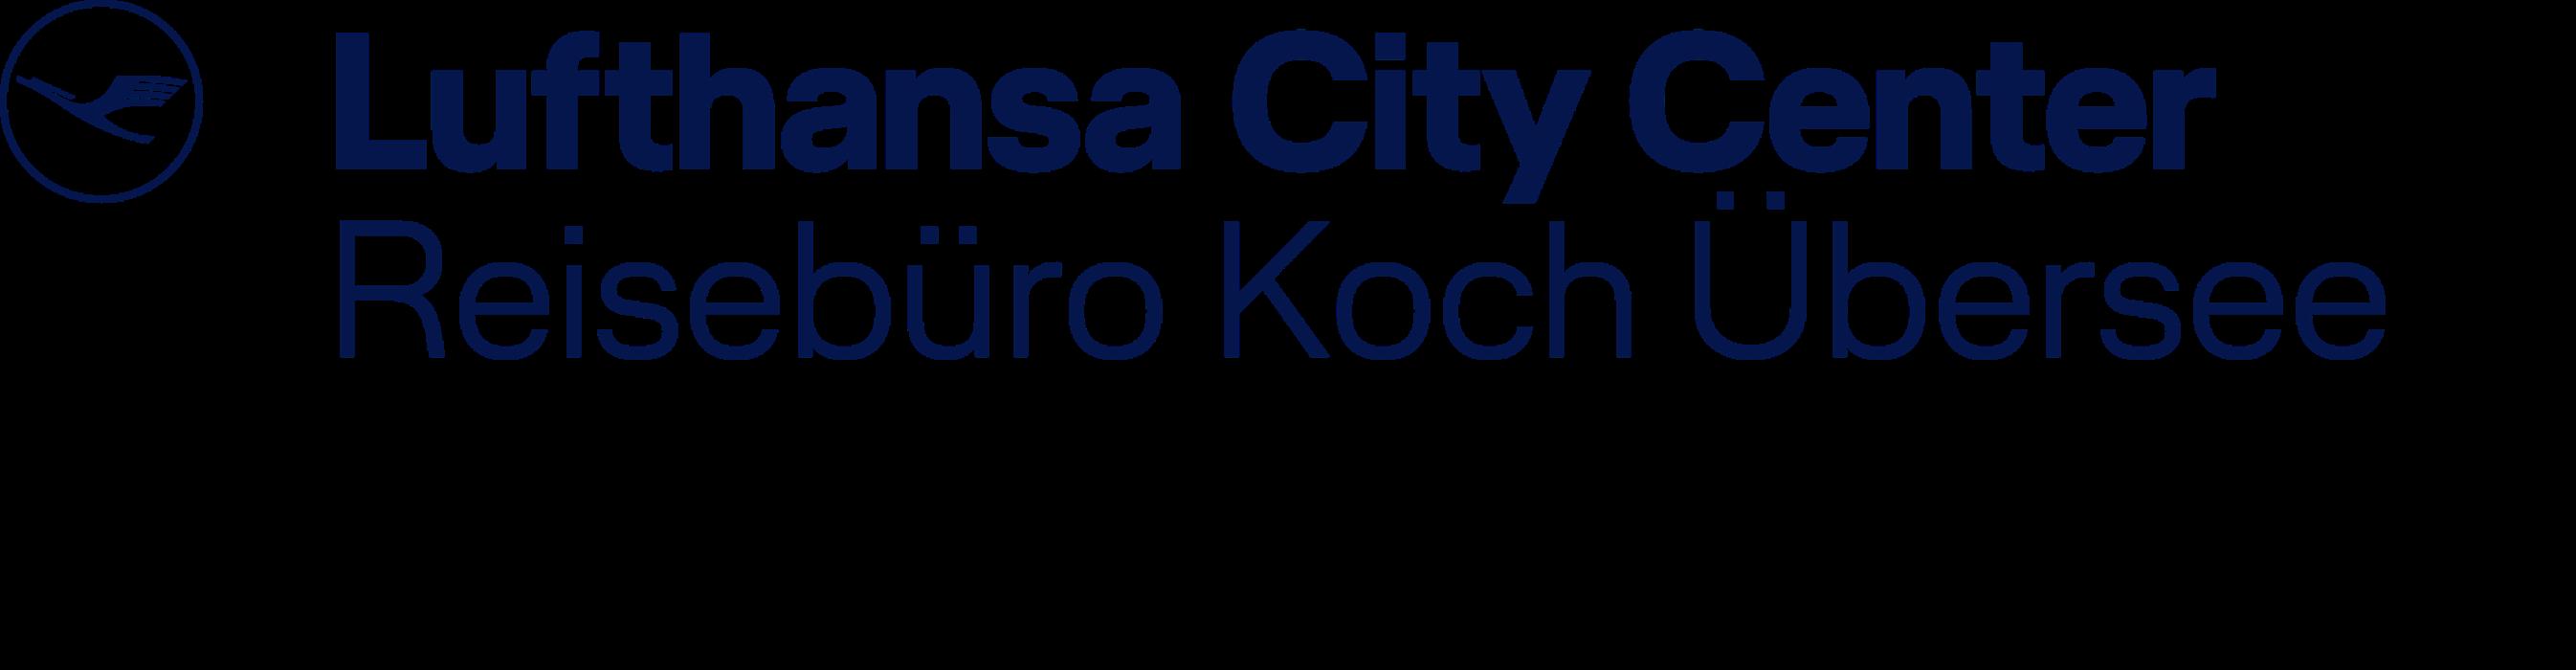 Lufthansa City Center Reisebüro Koch Übersee GmbH